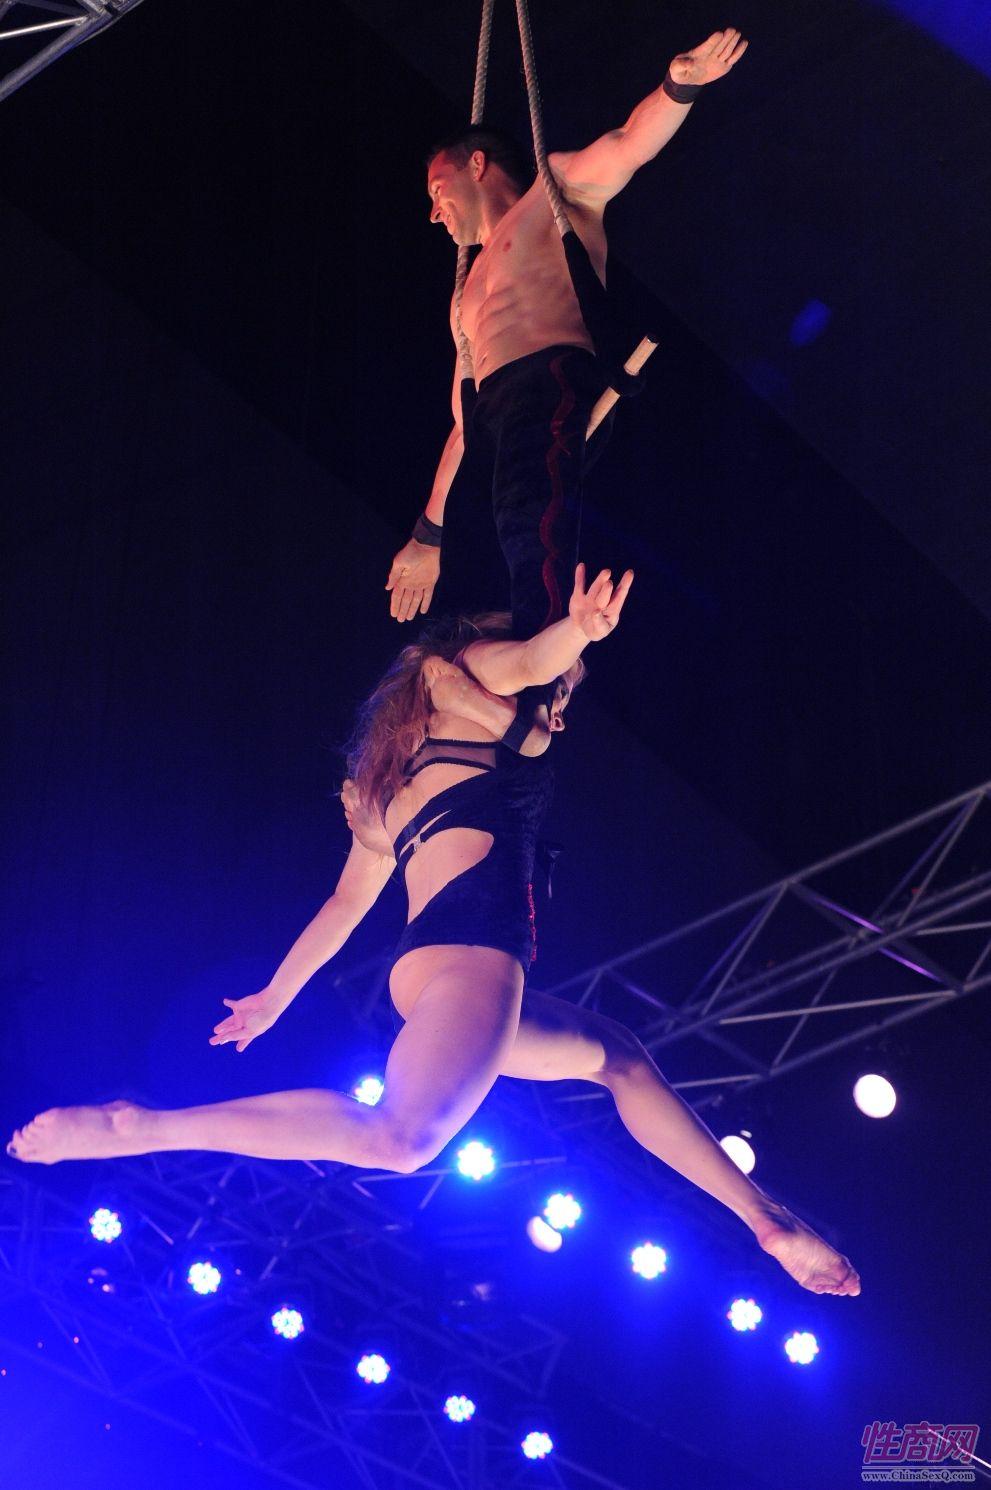 2009澳大利亚墨尔本成人展SuzieQ高空特技表演图片2